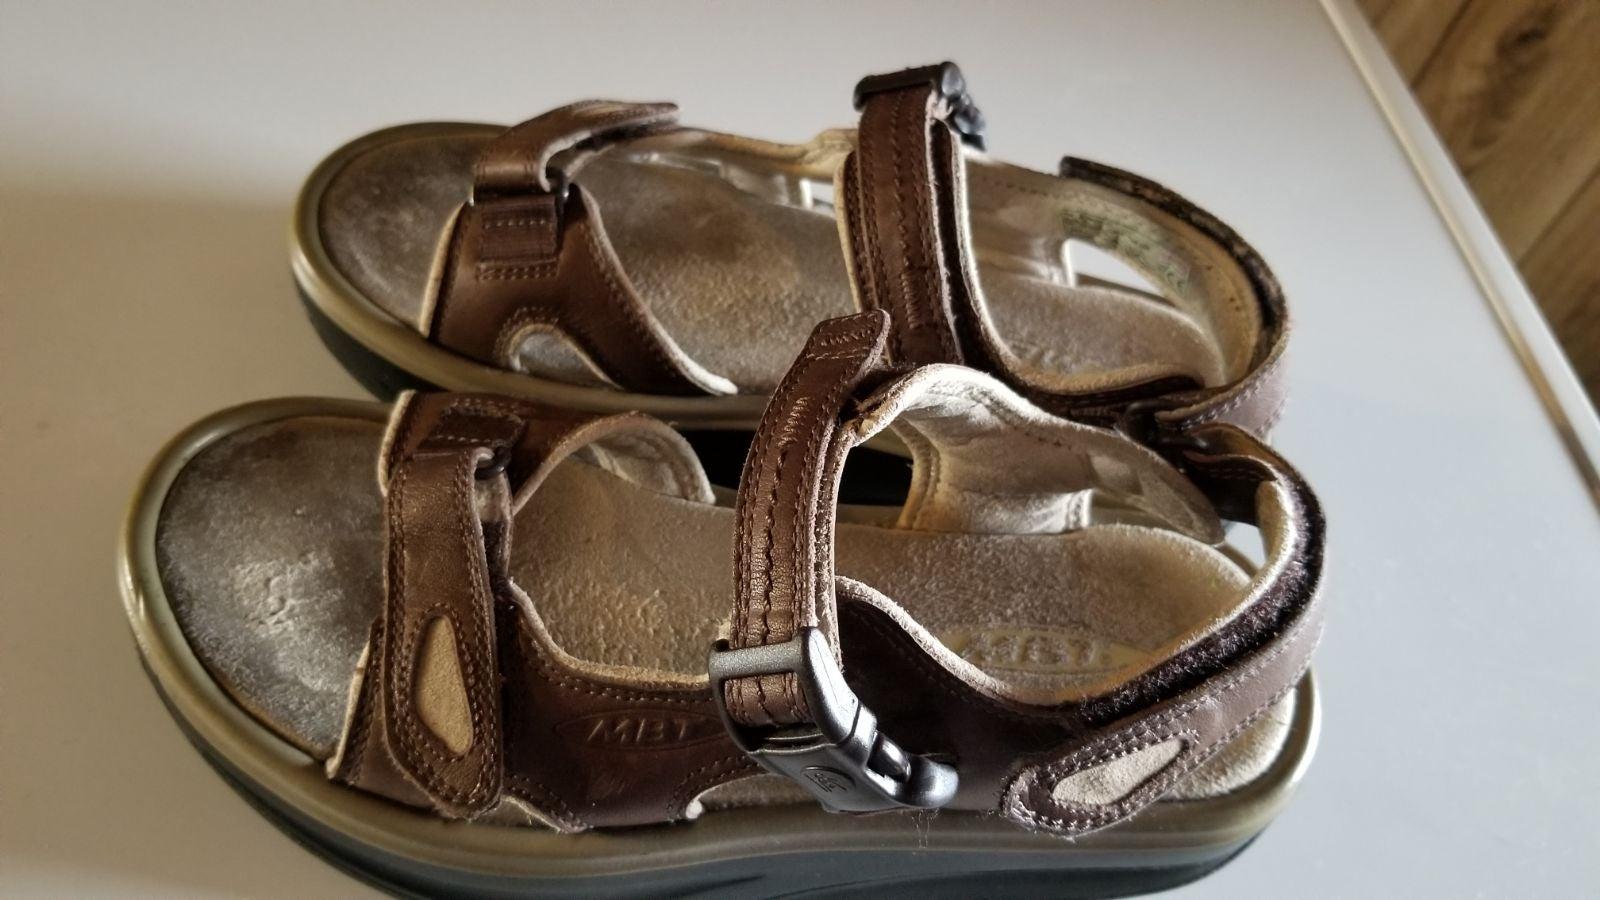 MBT Sandals 7